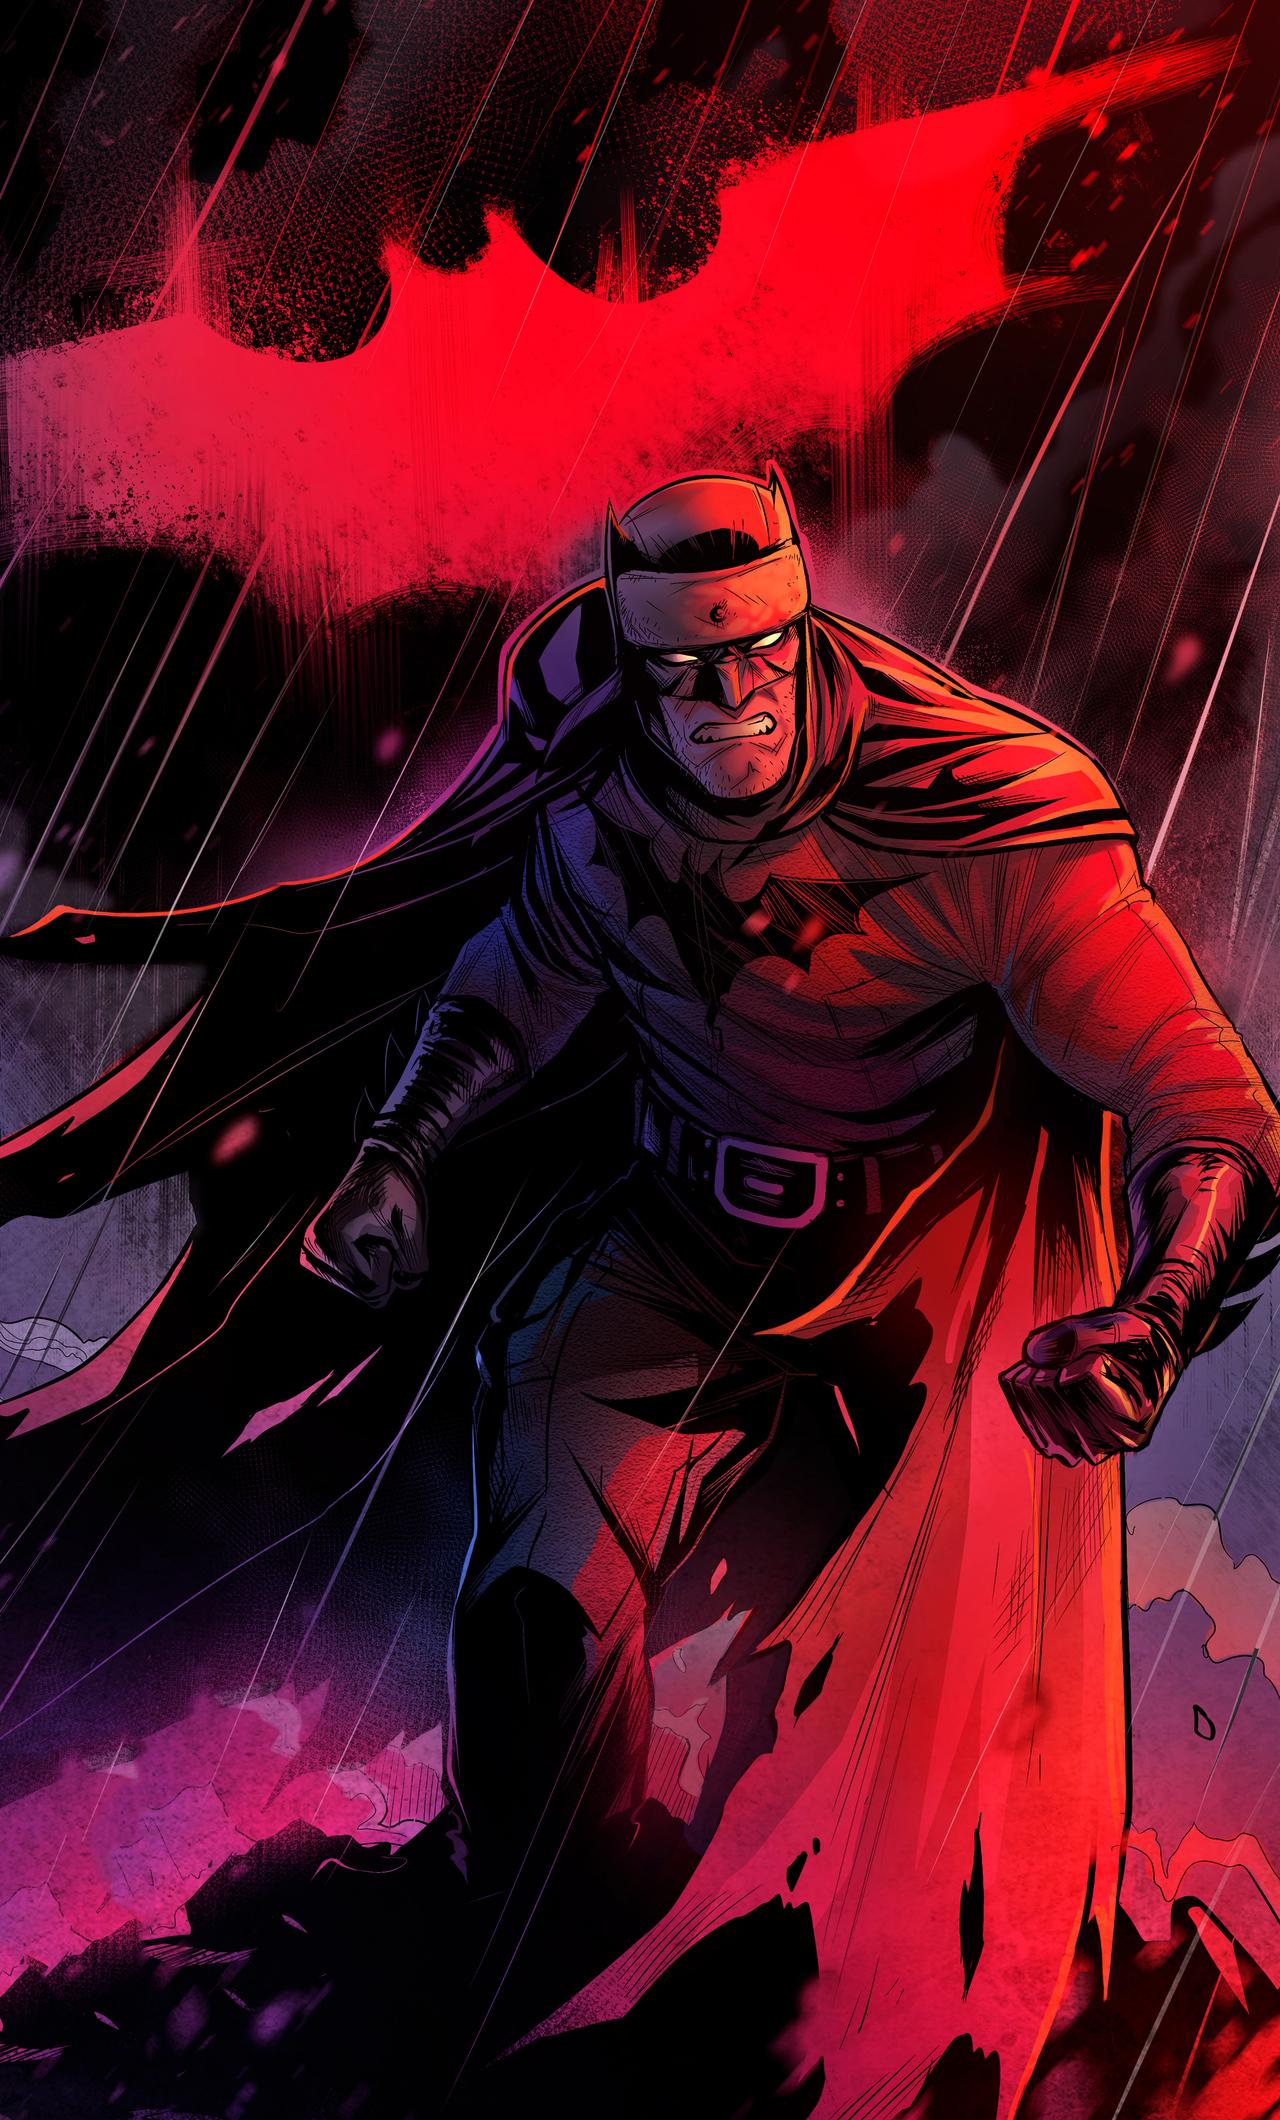 batman-behance-artwork-nr.jpg